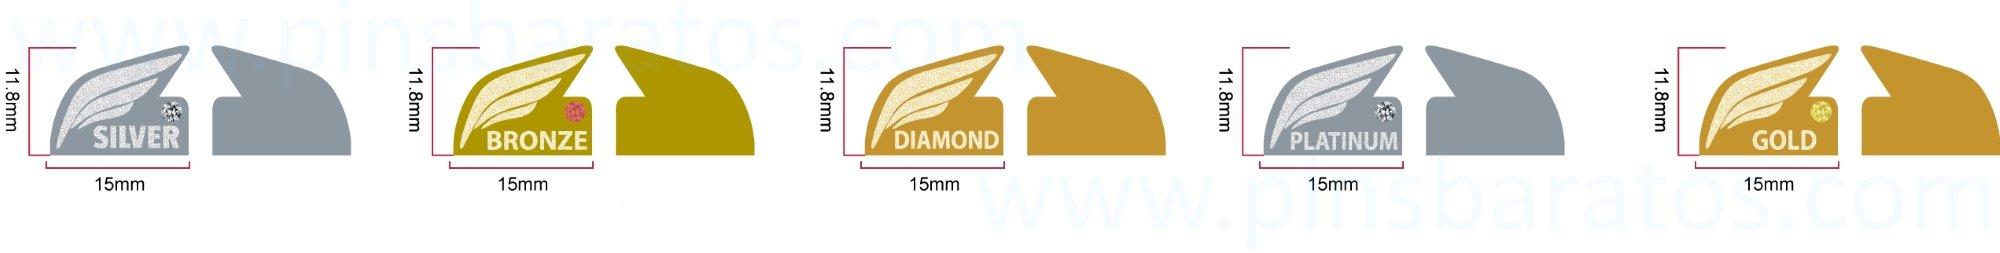 Diseño para poder producir pins de oro